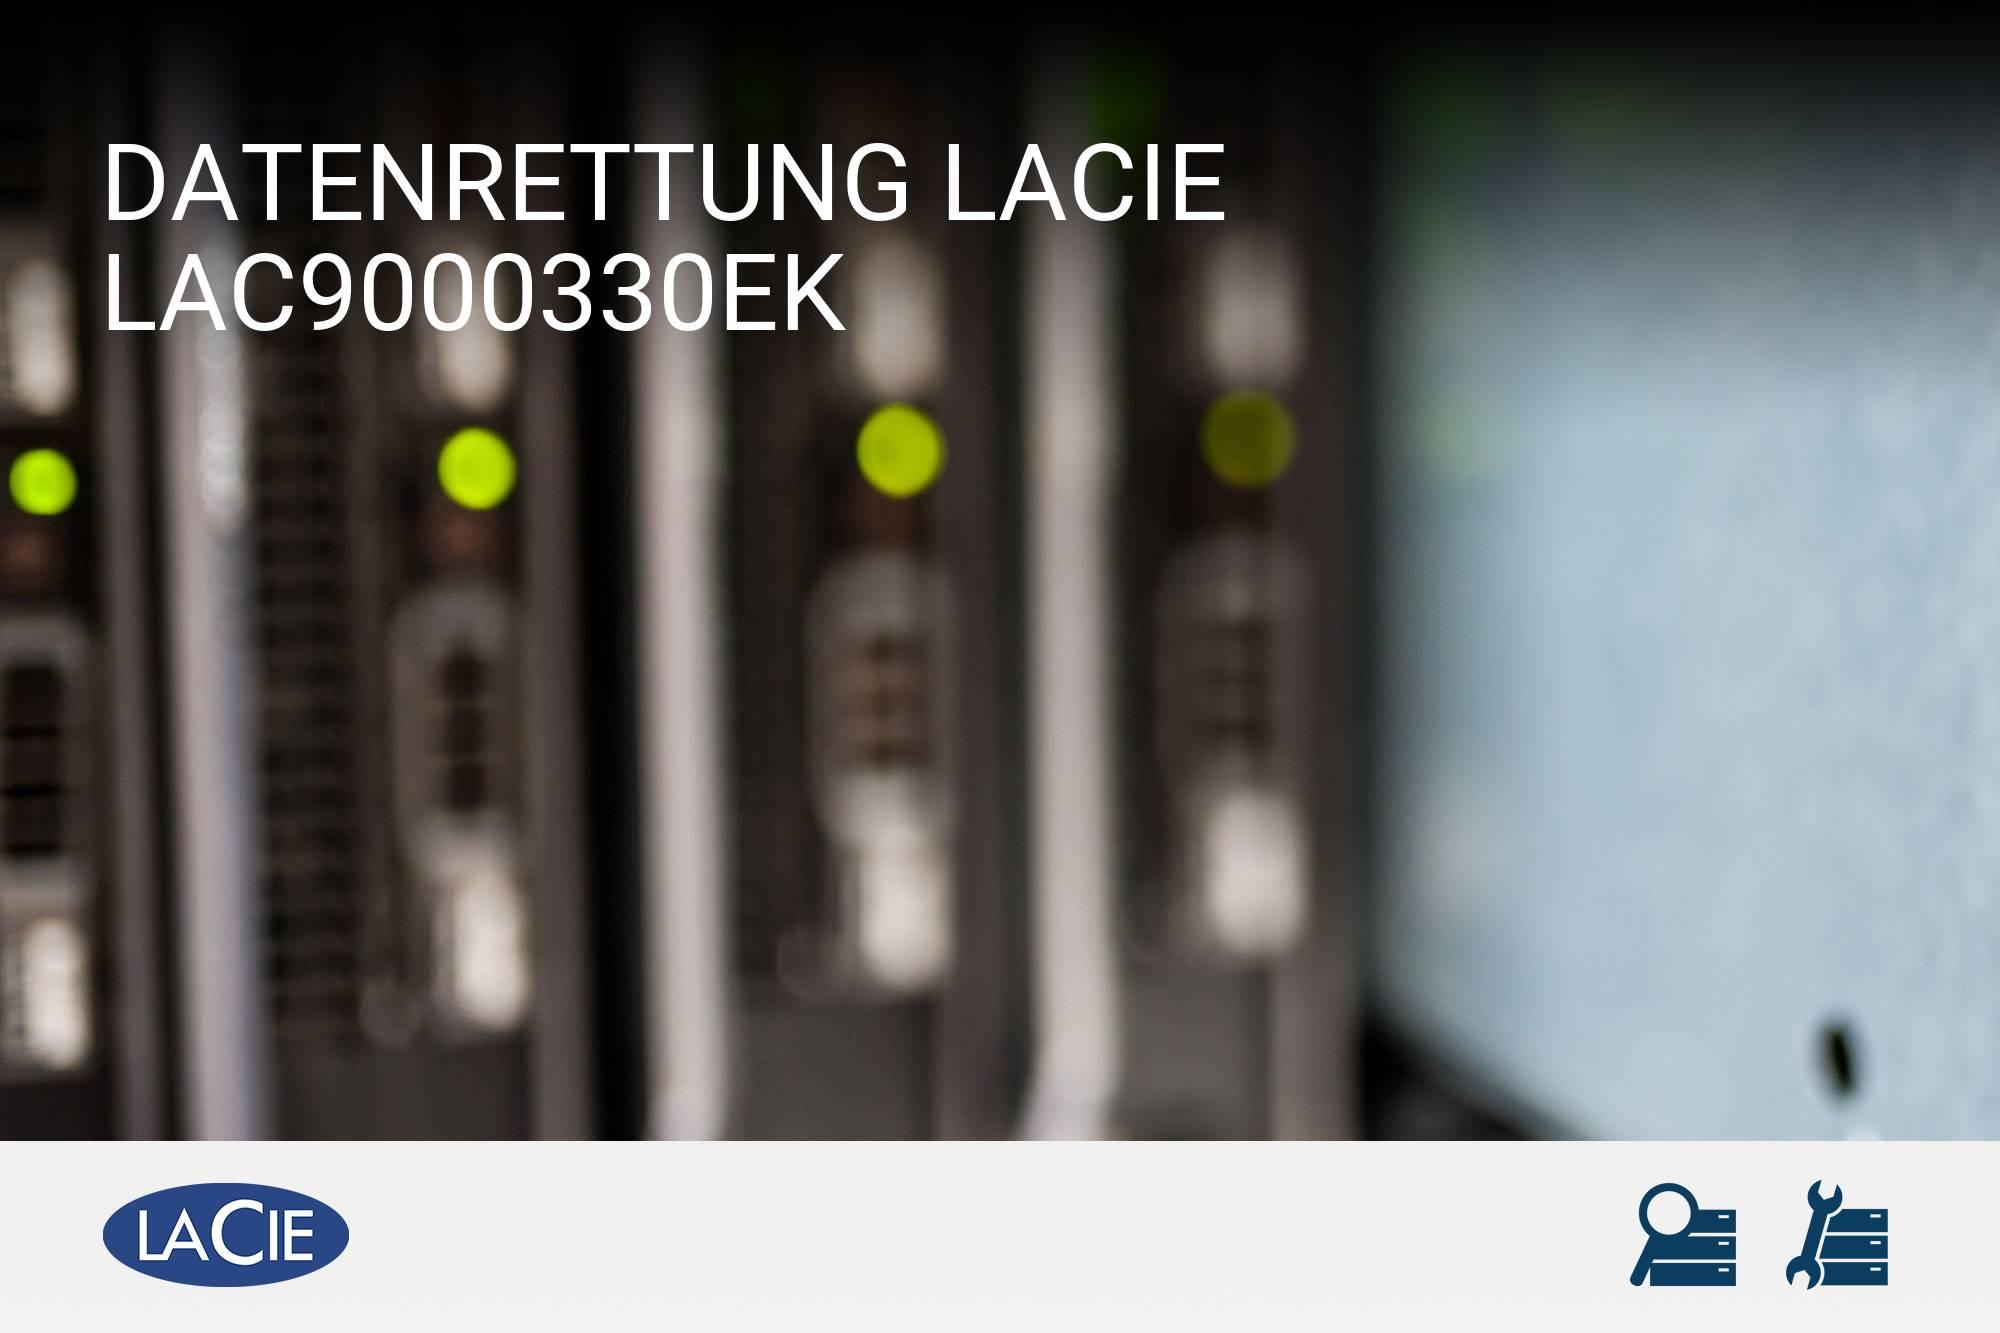 LaCie LAC9000330EK